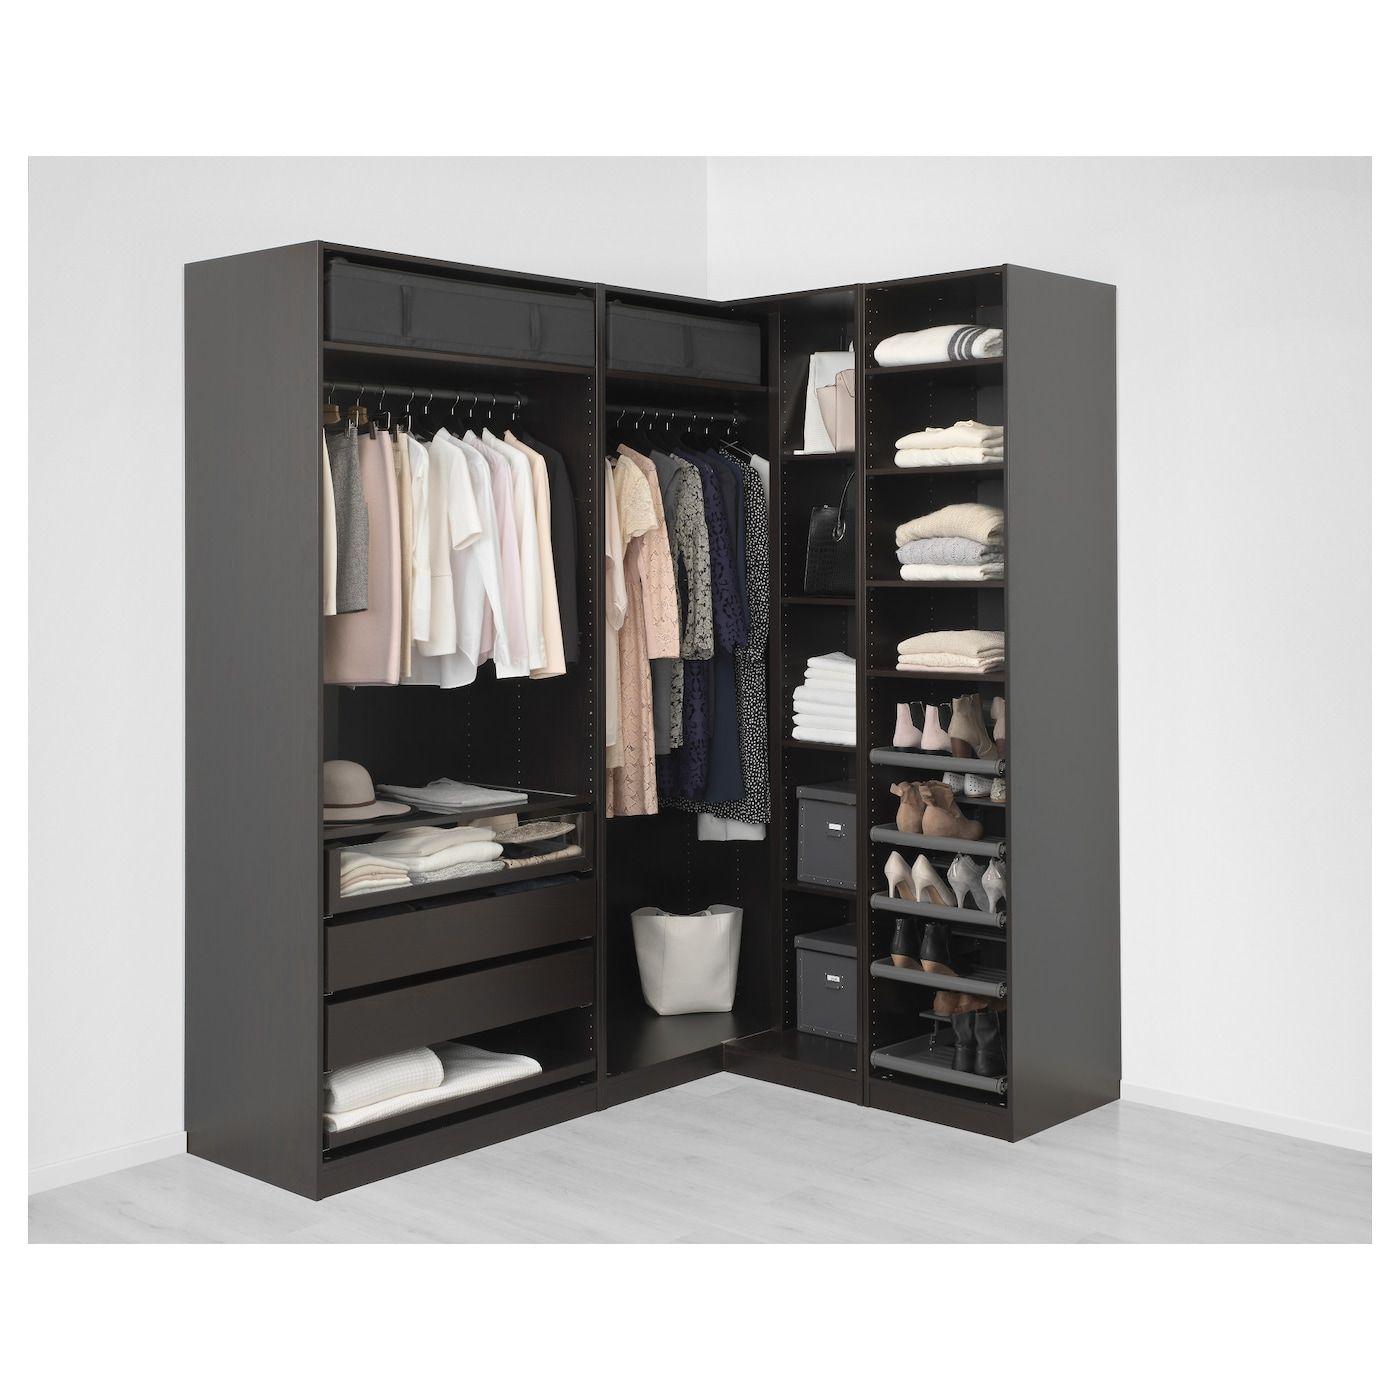 Pax Add On Corner Unit With 4 Shelves Black Brown Ikea Canada Ikea In 2020 Eckkleiderschrank Ikea Pax Kleiderschrank Schwarz